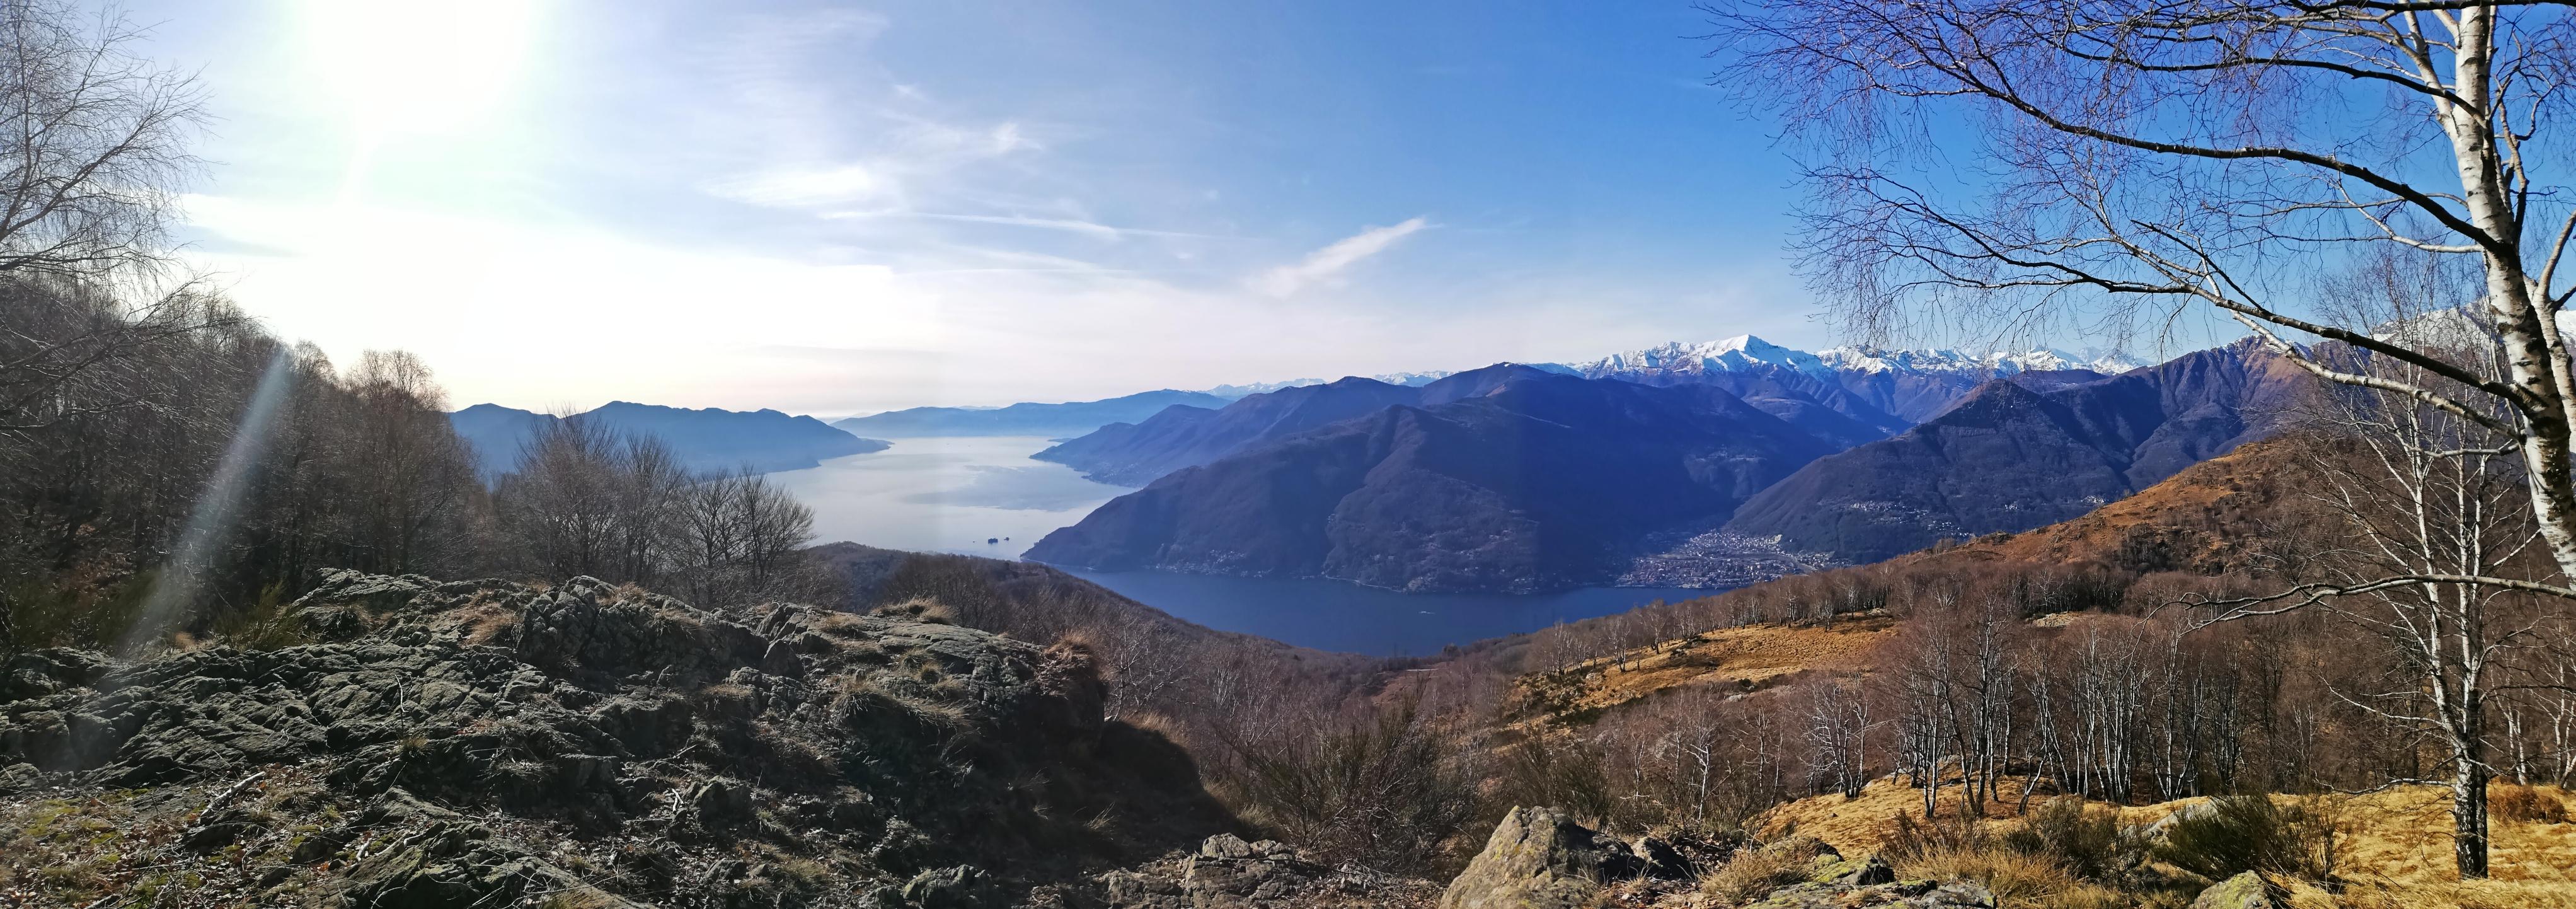 Lago Maggiore escursioni dal passo Forcora al Monte Covreto Alpi